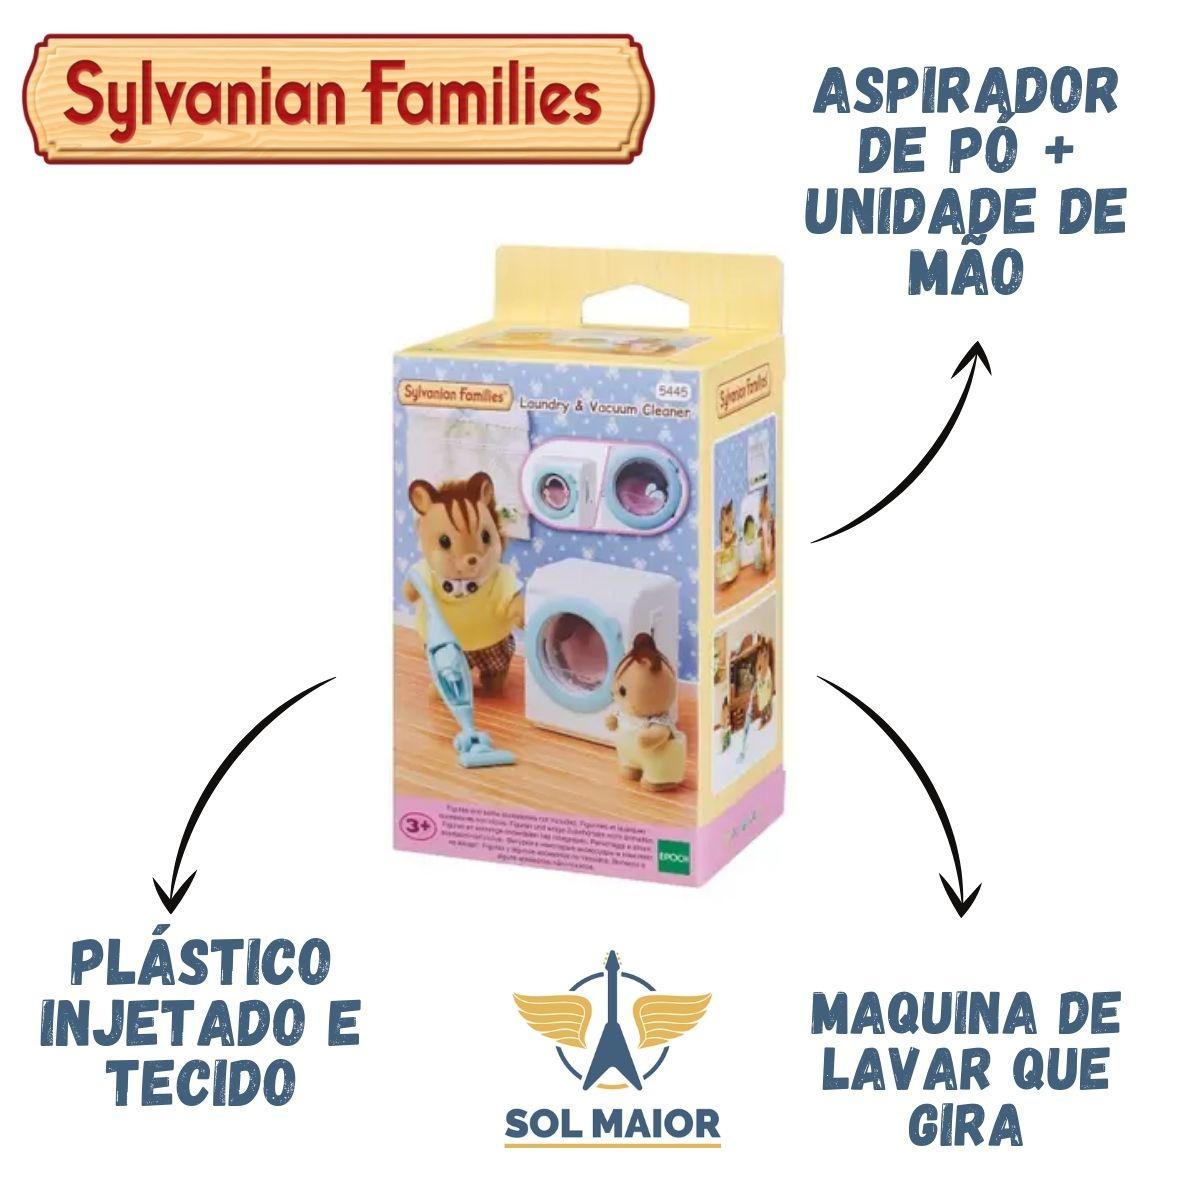 Sylvanian 5445 - Máquina De Lavar Roupa E Aspirador De Pó